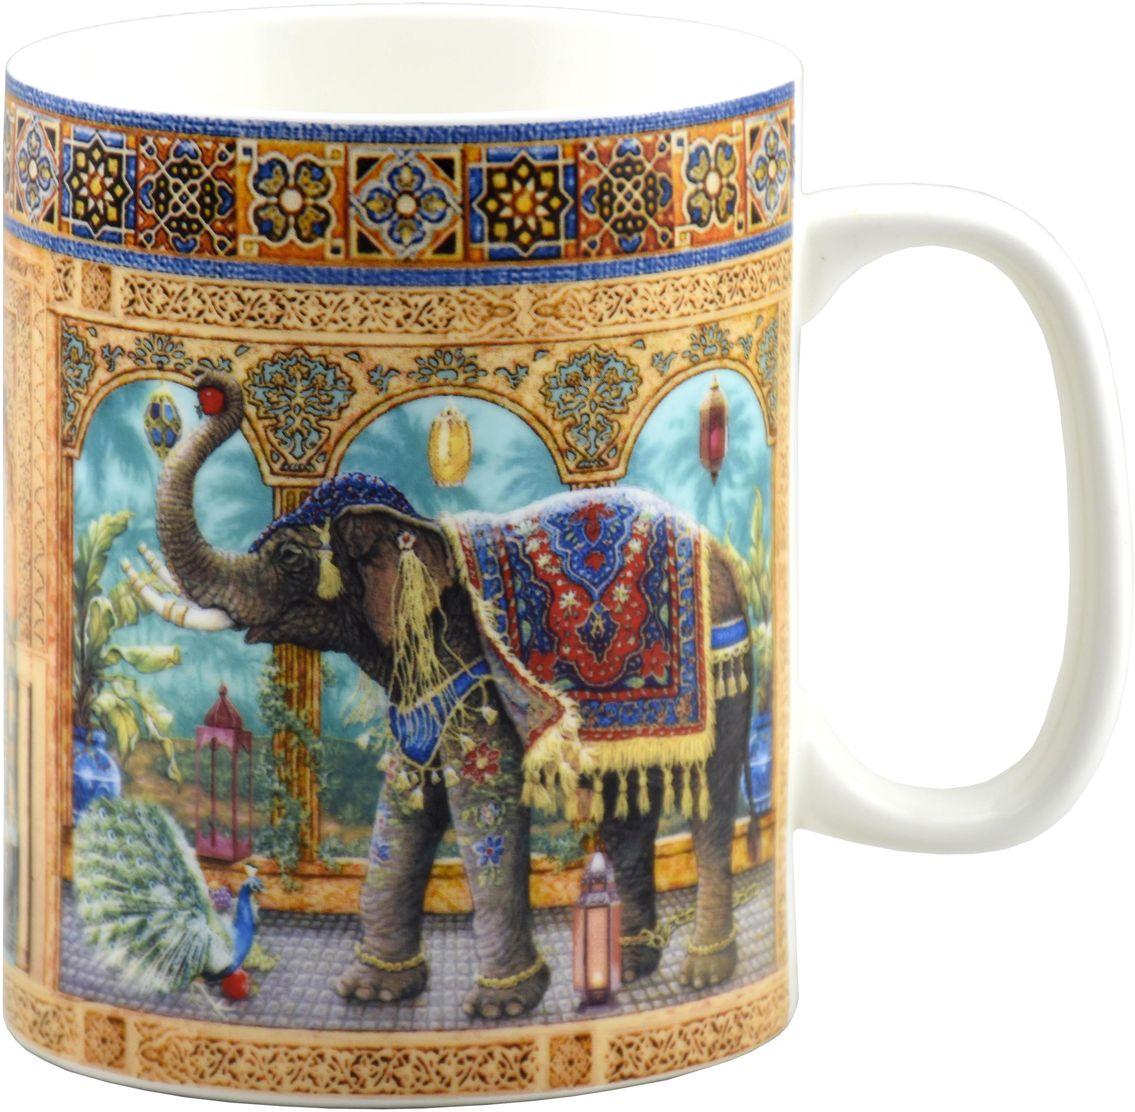 Кружка GiftnHome Marrakesh, 700 млGM-700 MarrakeshКружка из костяного фарфора, в подарочной упаковке